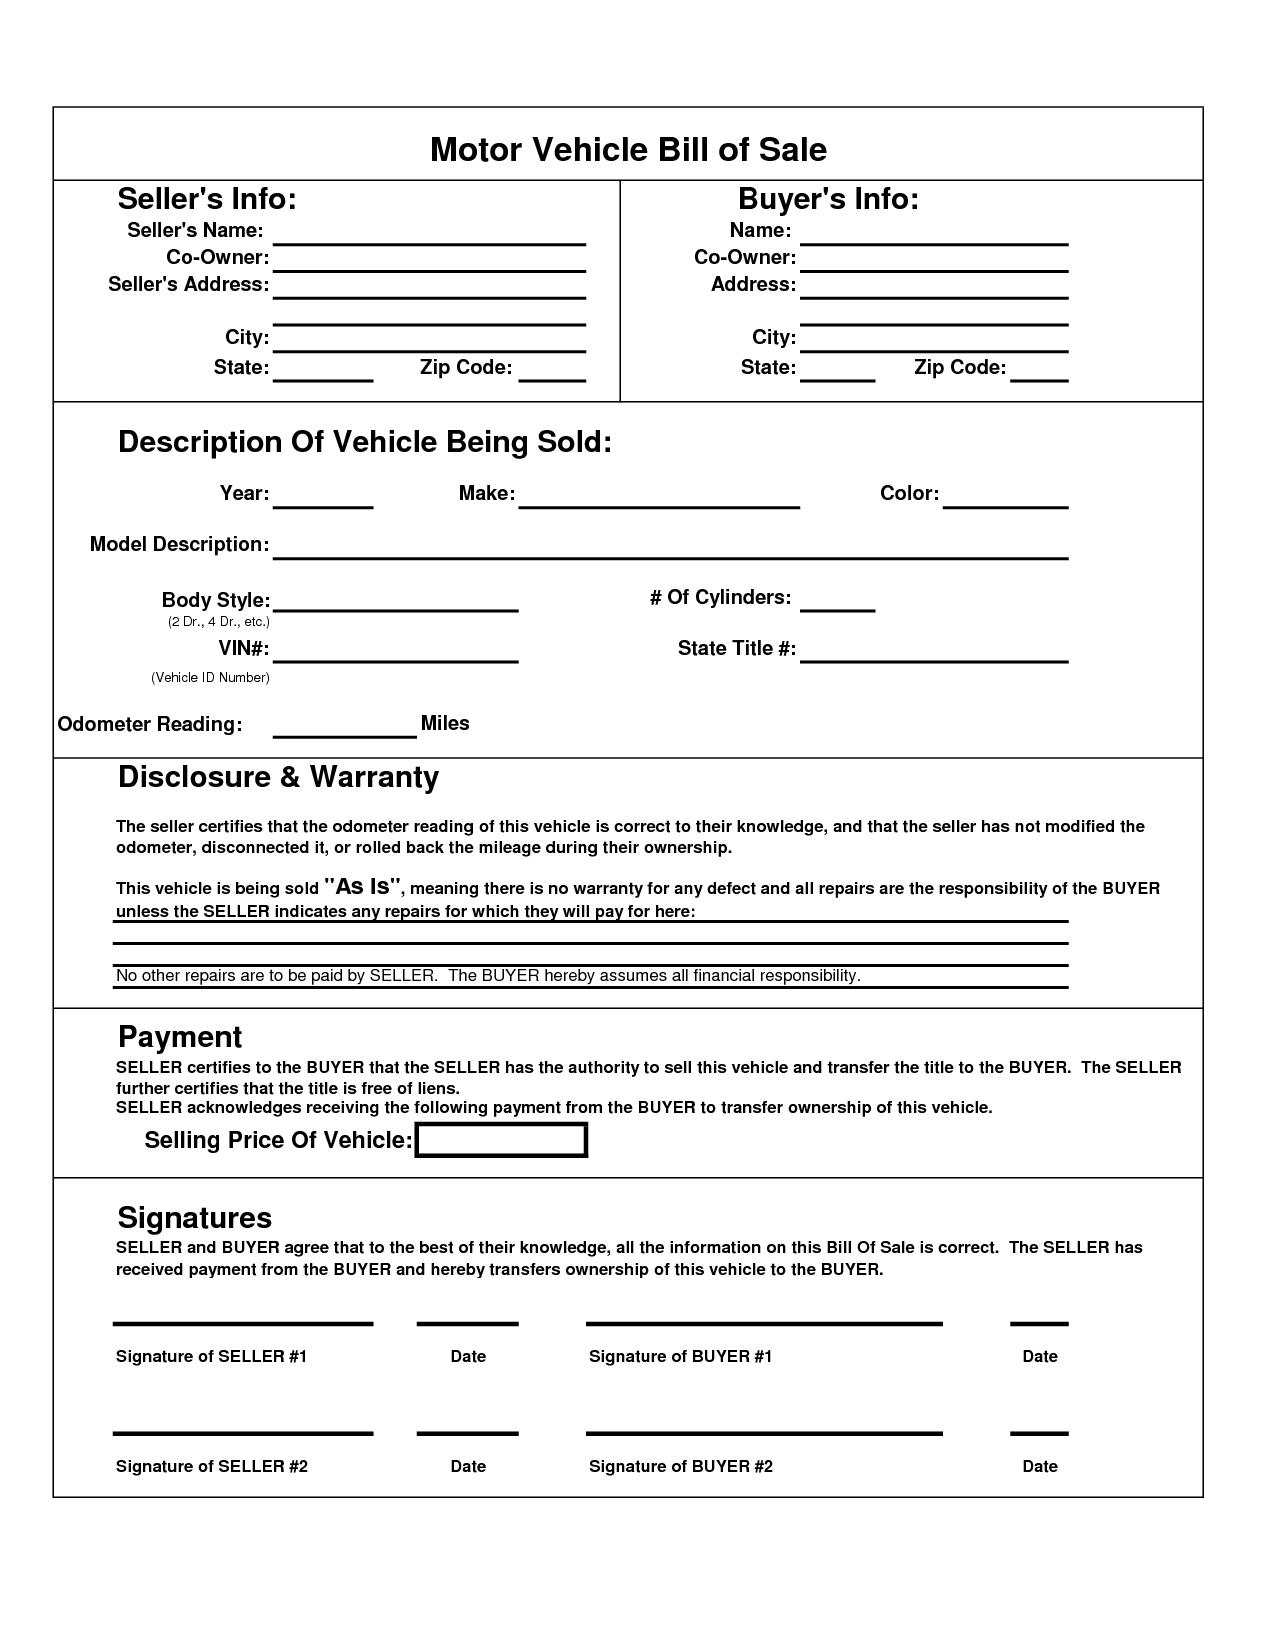 bill of sales forms - solarfm.tk